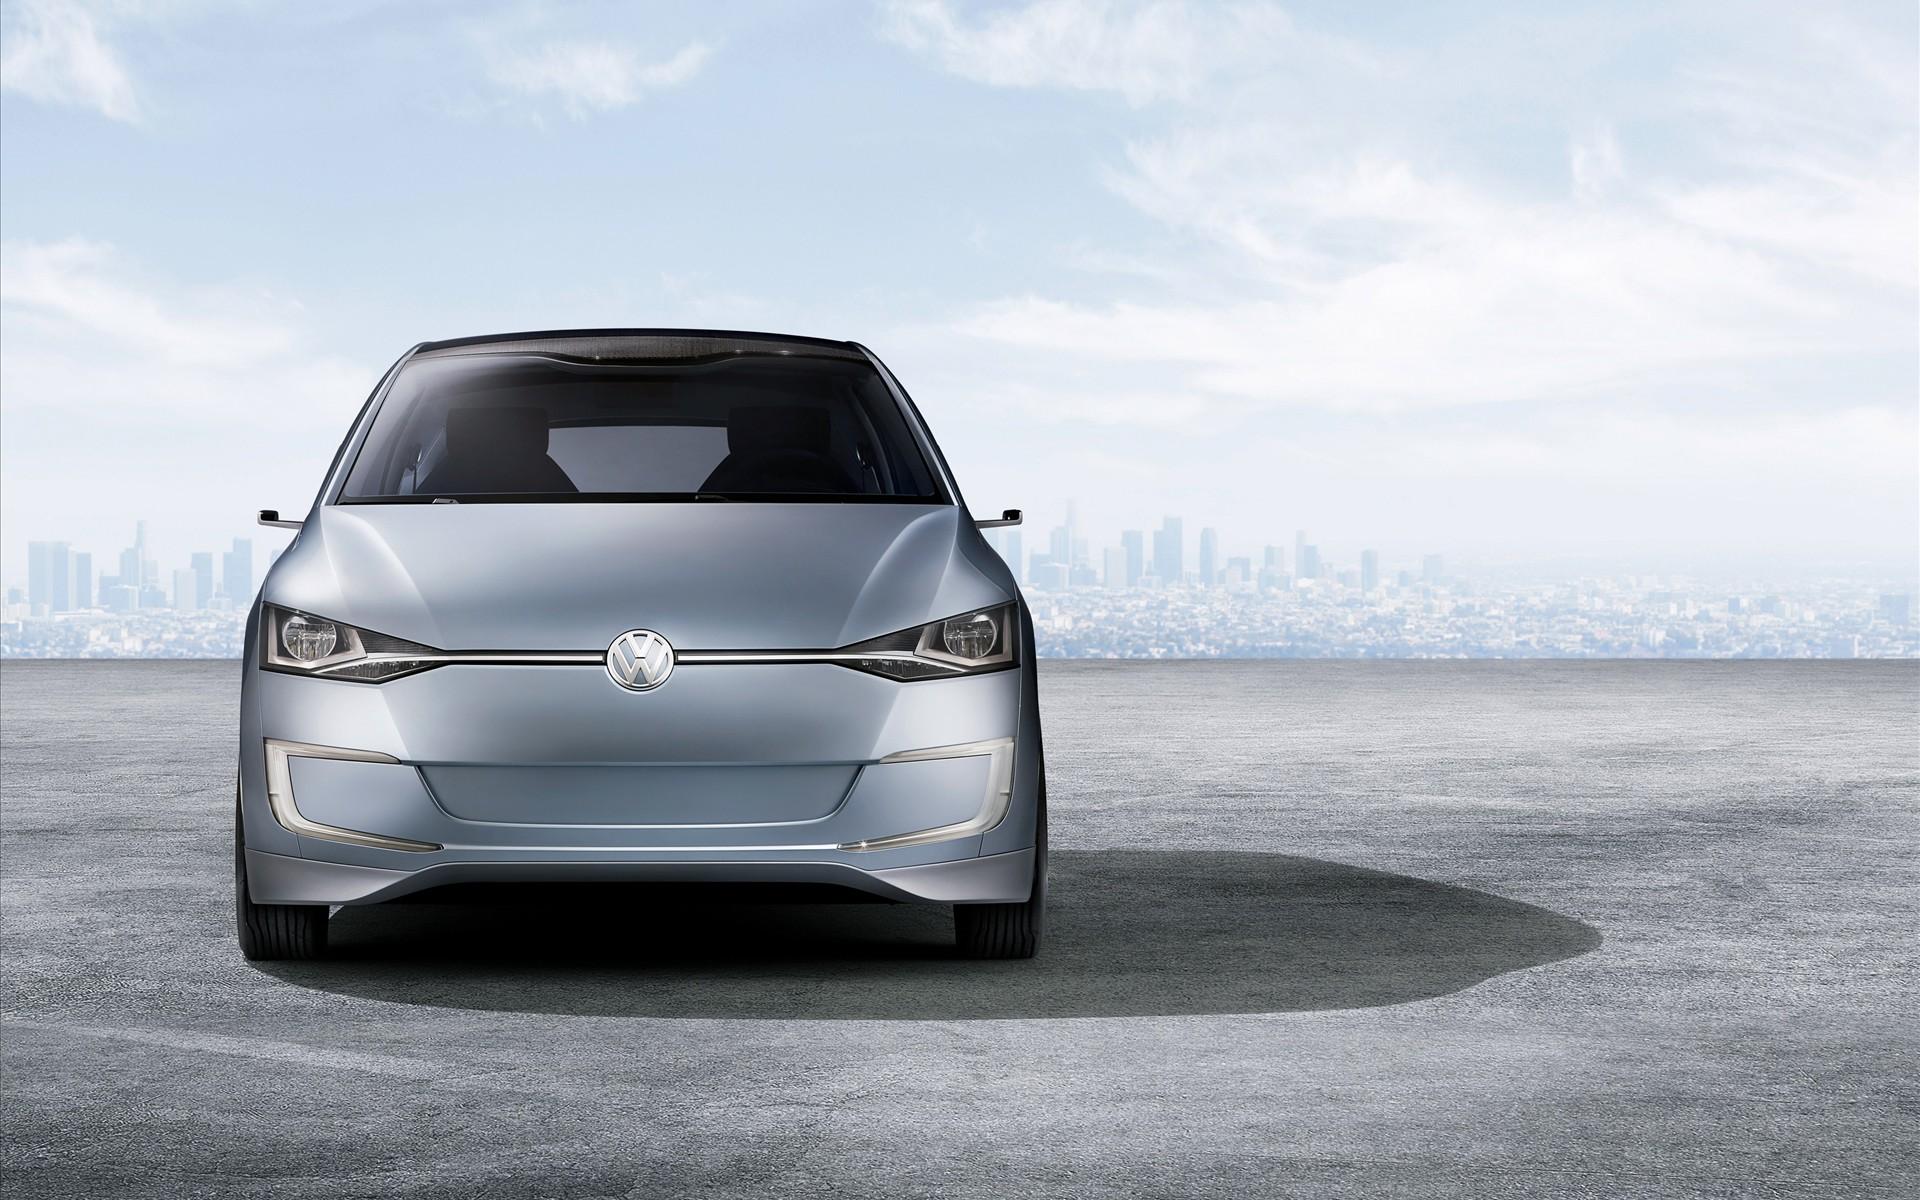 大众开启新能源时代 混合动力车2016年国产 高清图片